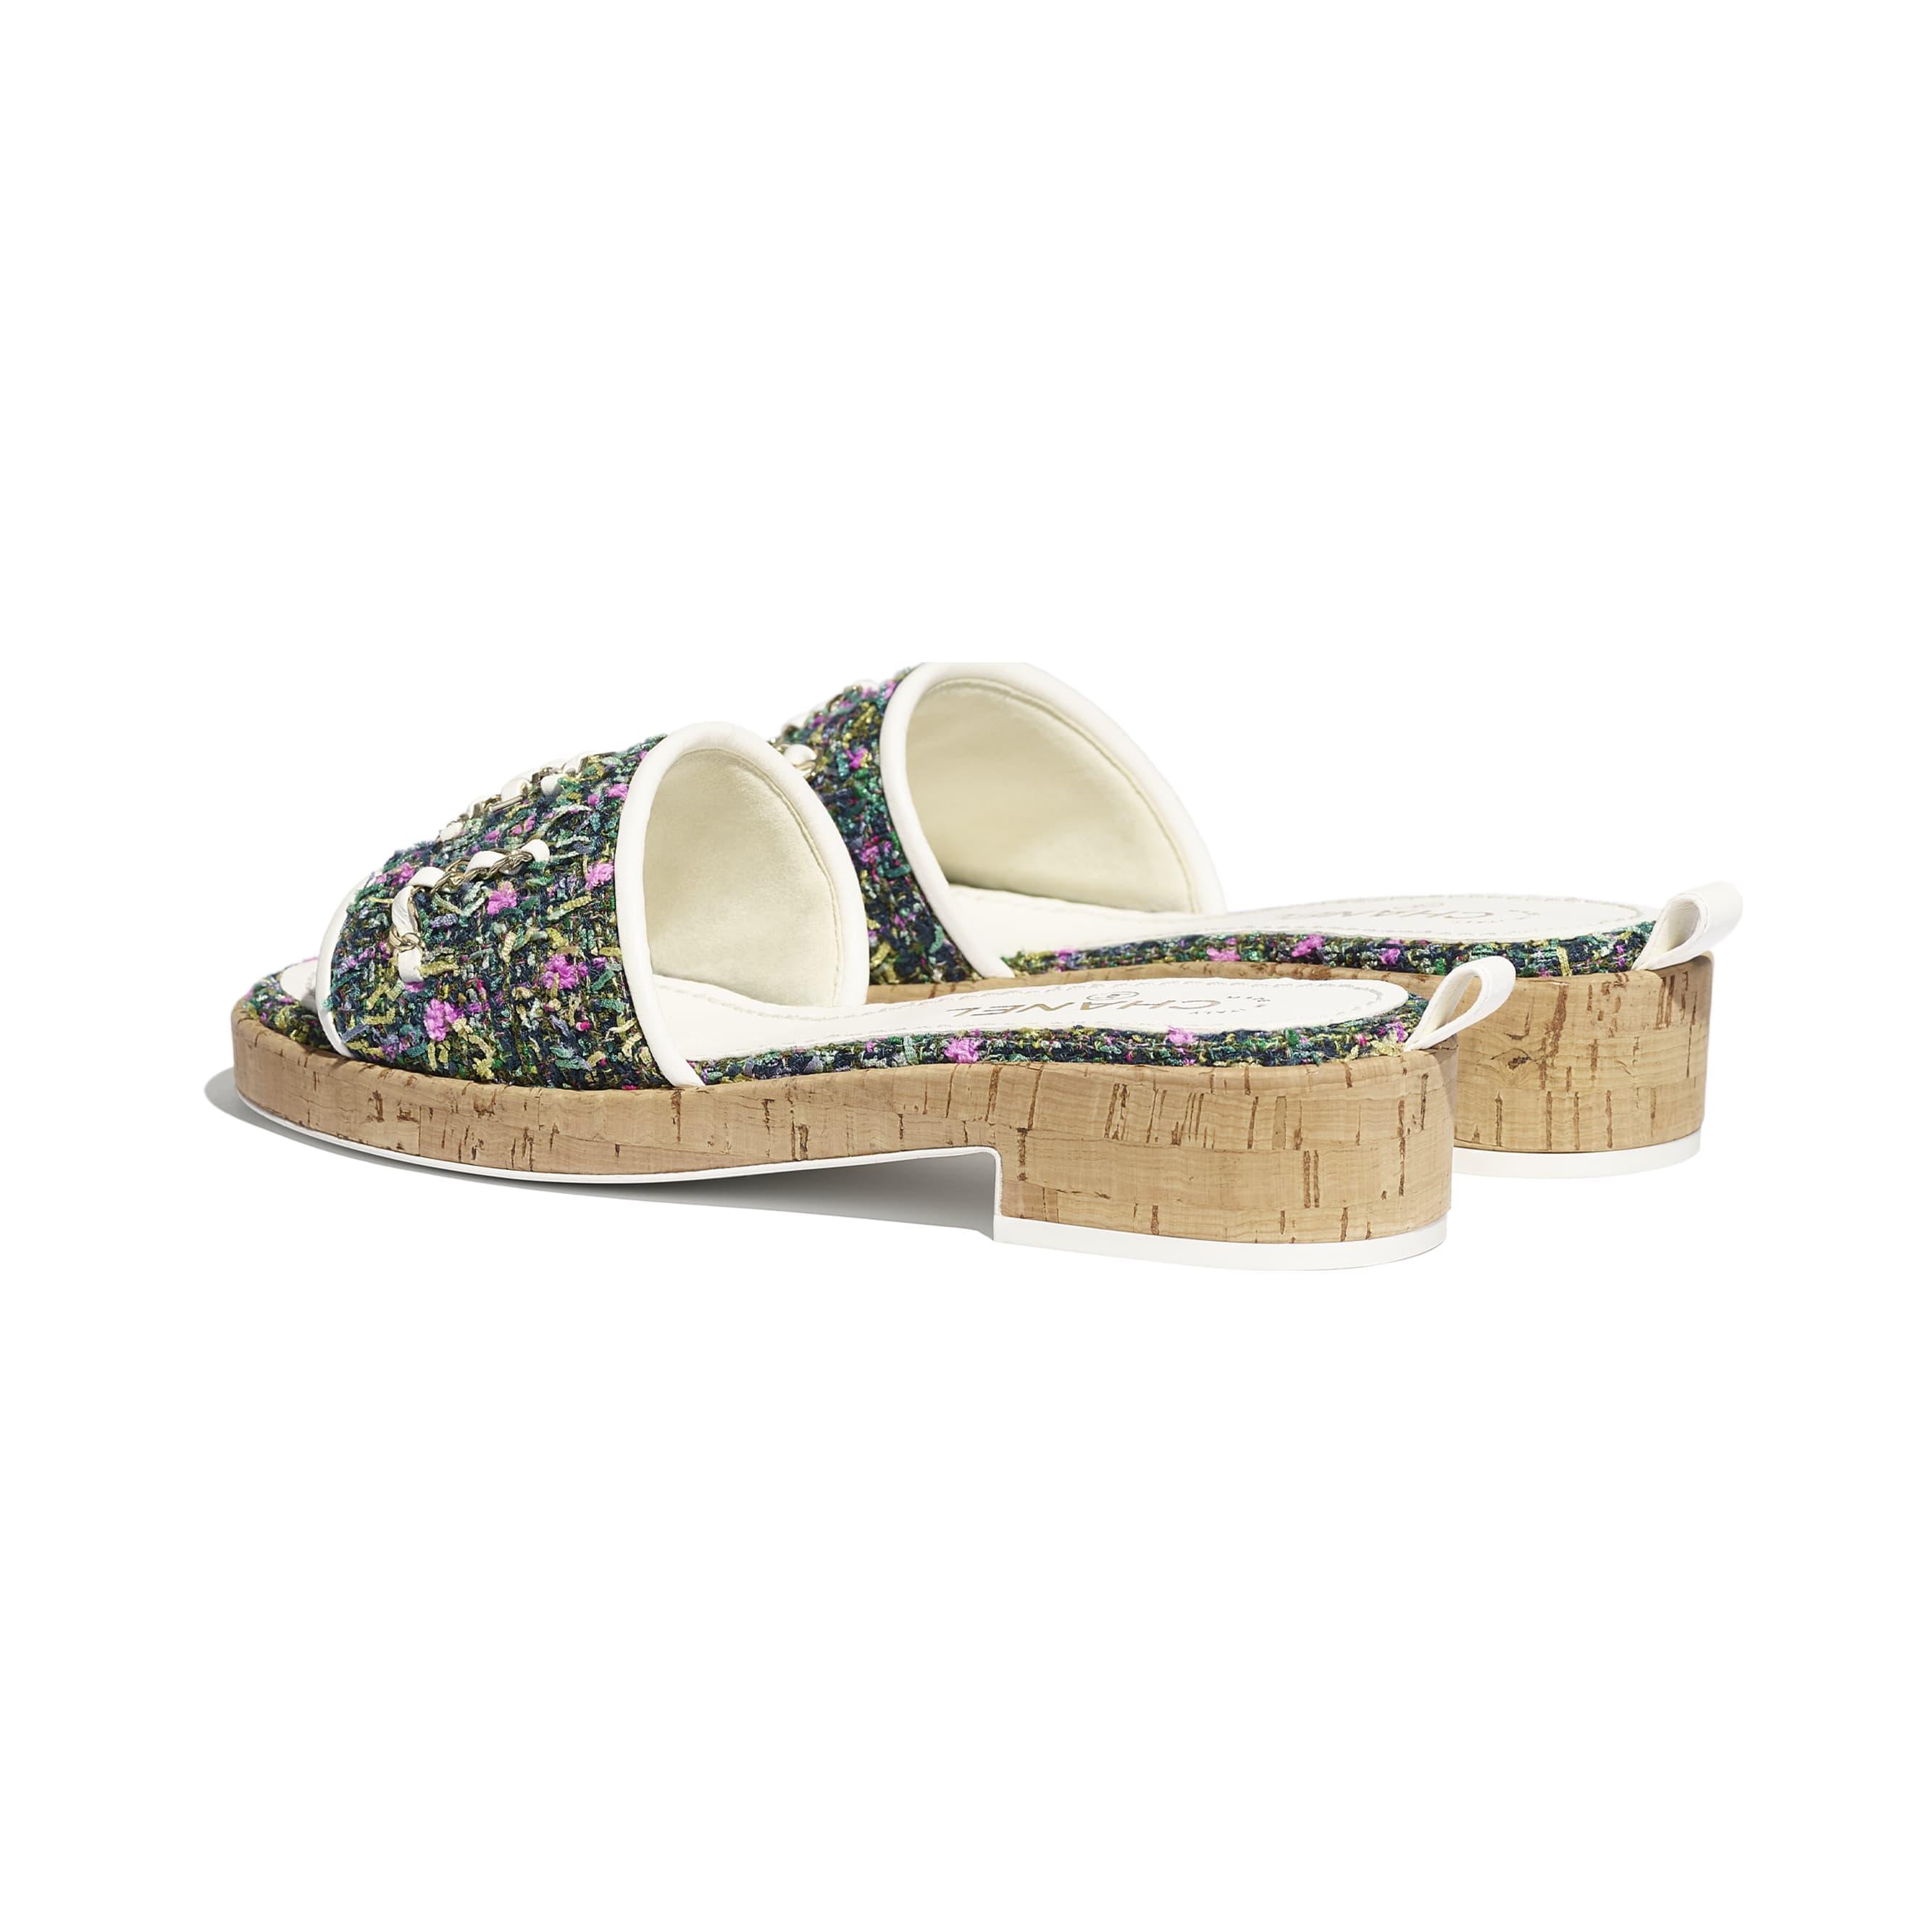 蜜兒拖鞋 - 綠、粉紅 & 黃 - 斜紋軟呢 - CHANEL - 其他視圖 - 查看標準尺寸版本